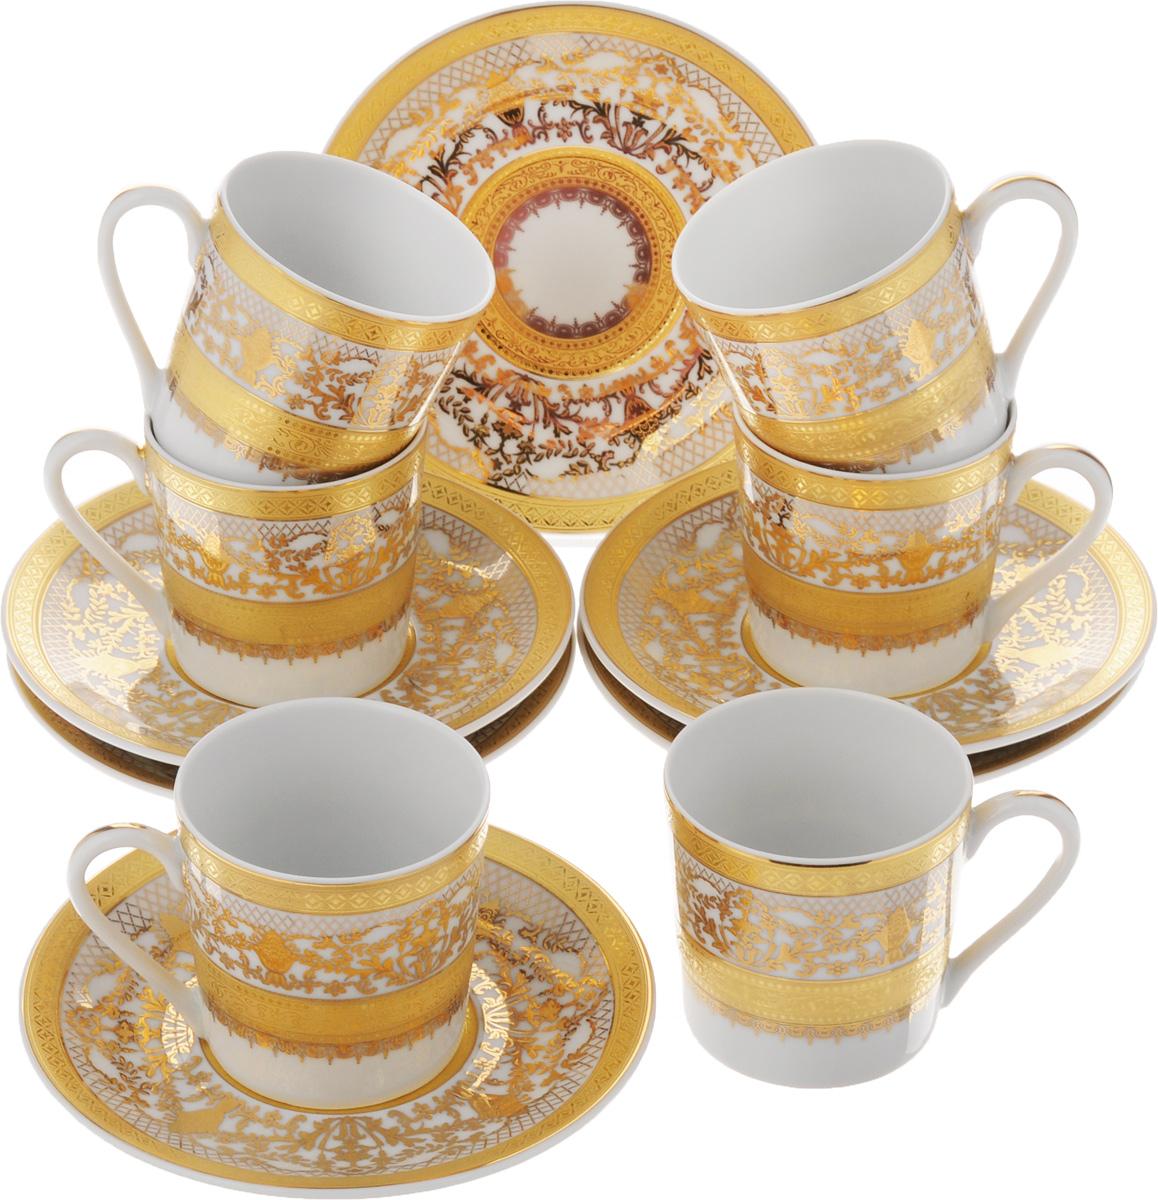 Набор кофейный Yves De La Rosiere Mimosa, 12 предметов539012 1645Кофейный набор Yves De La Rosiere Mimosa состоит из 6 чашек и 6 блюдец. Изделия выполнены из высококачественного фарфора. Такой набор станет прекрасным украшением стола и порадует гостей изысканным дизайном и утонченностью. Кофейный набор Yves De La Rosiere Mimosa идеально впишется в любой интерьер, а также станет идеальным подарком для ваших родных и близких. Объем чашки: 130 мл. Диаметр чашки (по верхнему краю): 6 см. Высота чашки: 6 см. Диаметр блюдца (по верхнему краю): 13 см. Высота блюдца: 2 см.